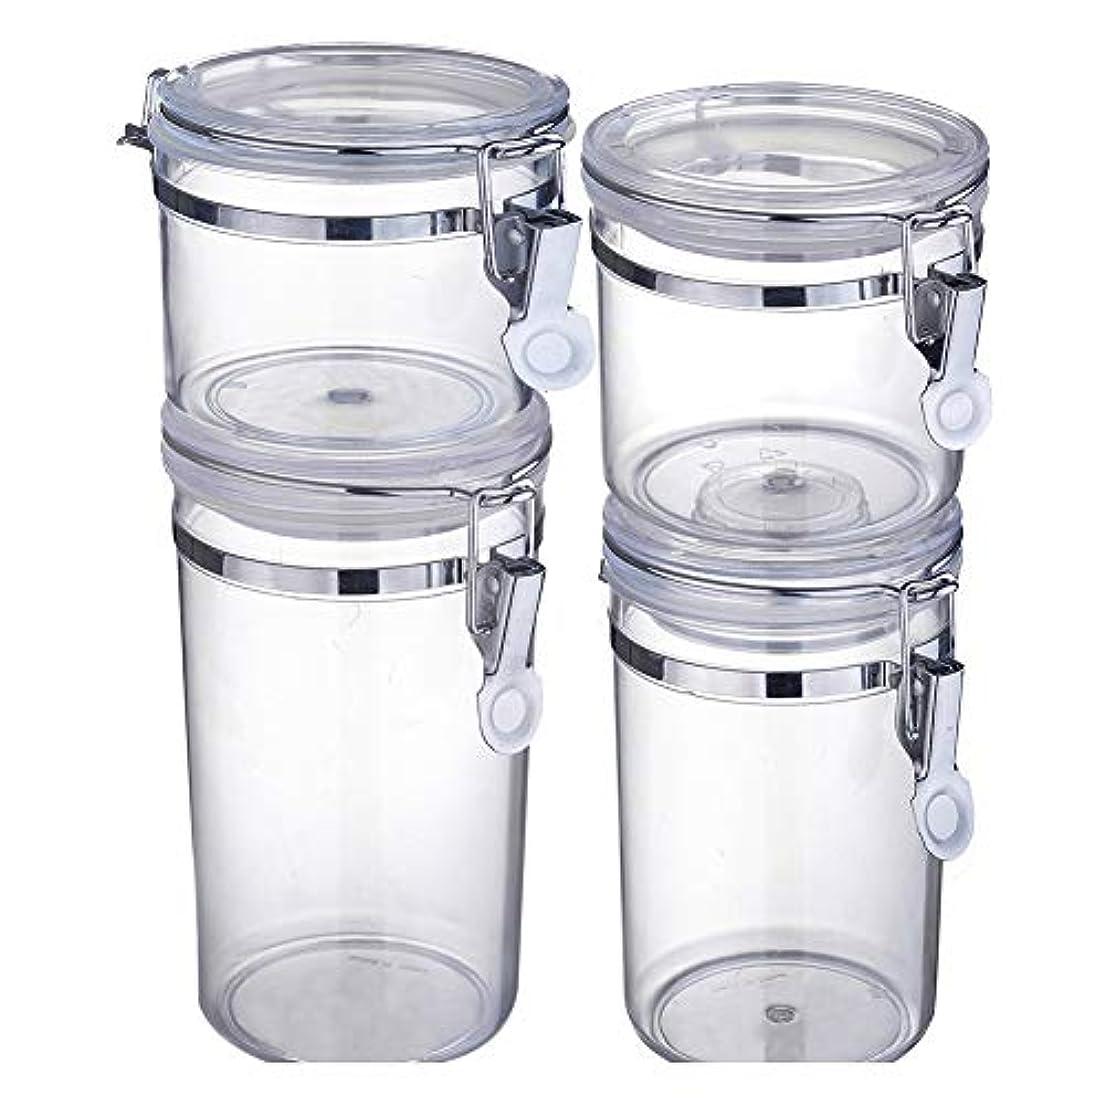 ぜいたく妨げるオーディション4ピースストレージタンク透明プラスチック密閉タンクキッチン穀物湿気プルーフフレッシュ保持タンク400 ml 550 ml 750 ml 950 ml